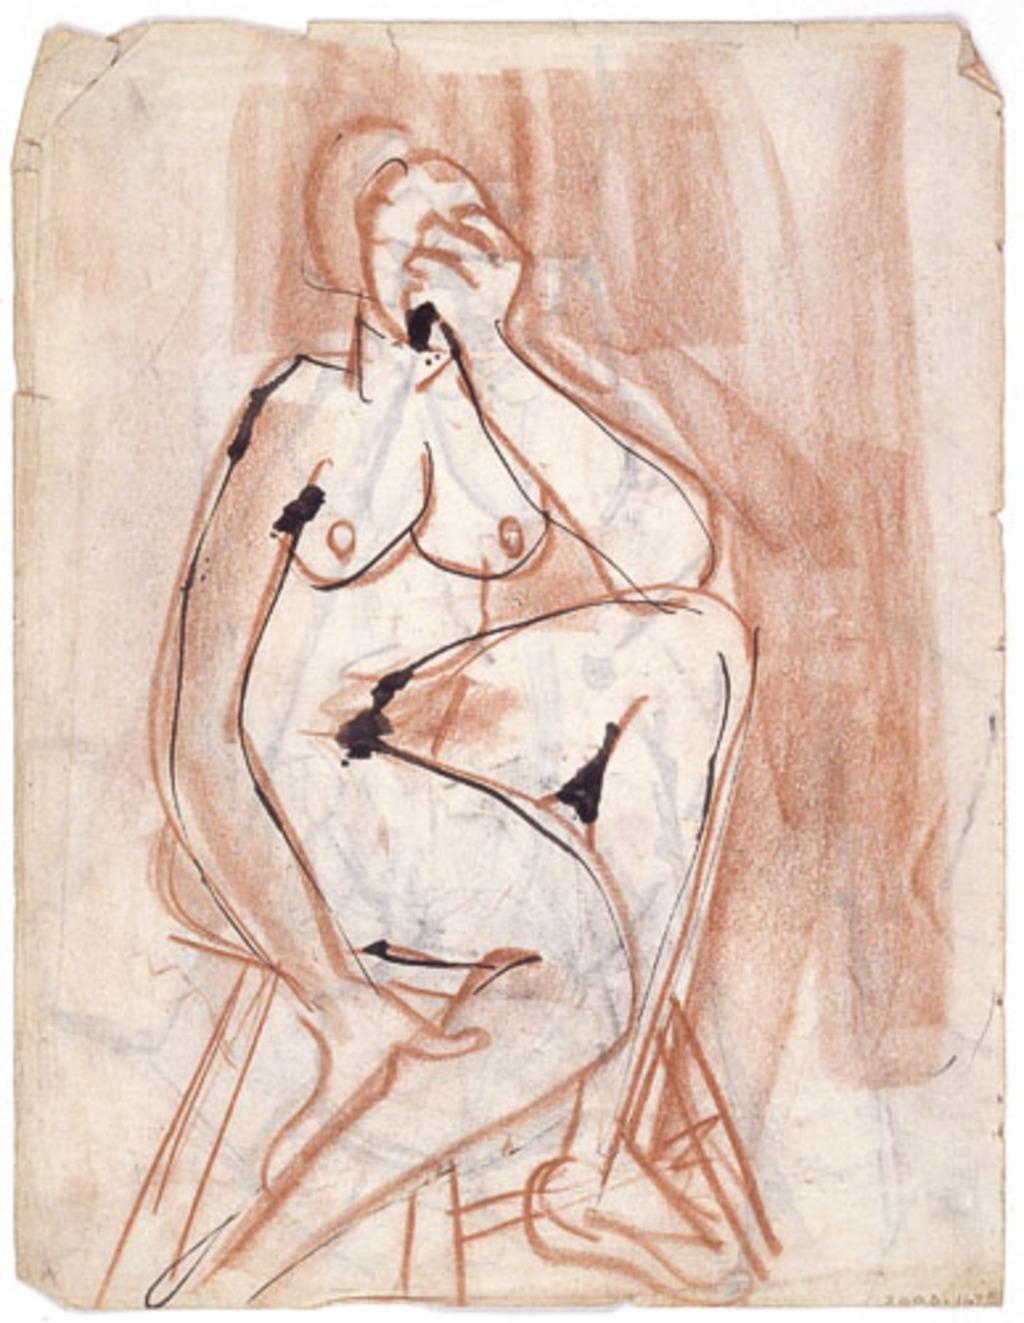 Étude de nu féminin assis sur un tabouret